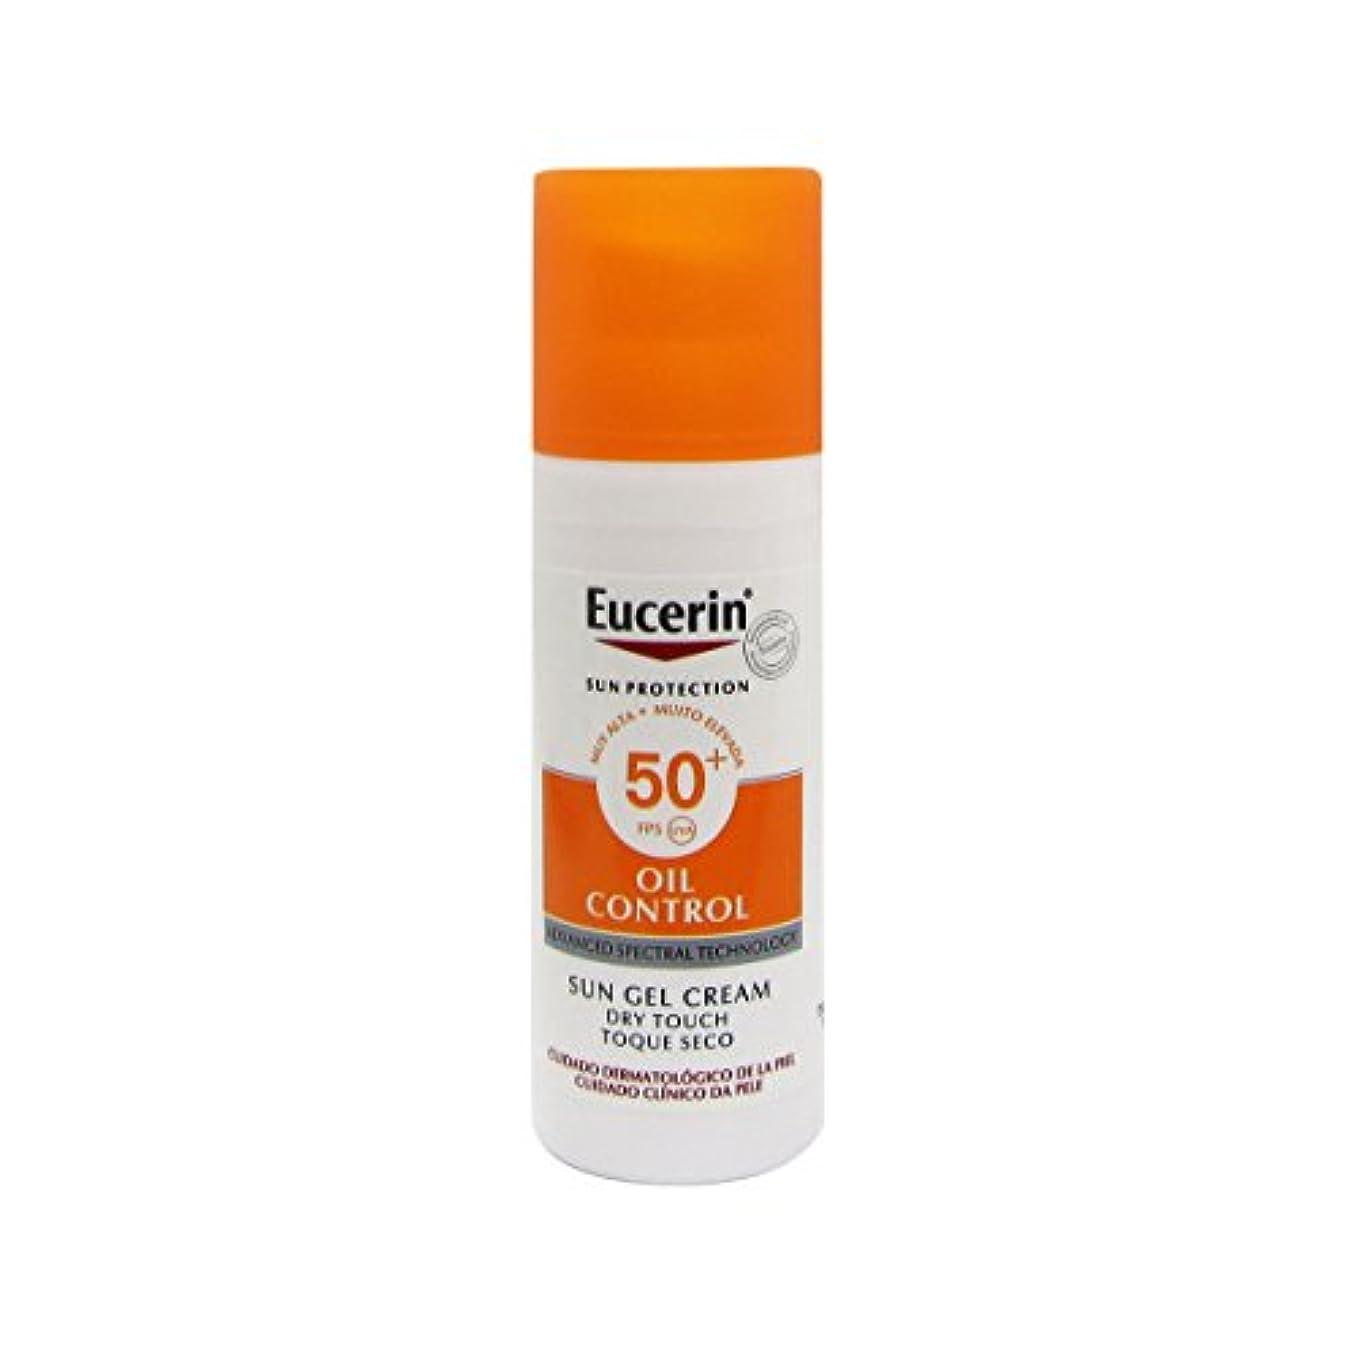 野生真実に薄いEucerin Sun Face Oil Control Gel-cream Spf50 50ml [並行輸入品]